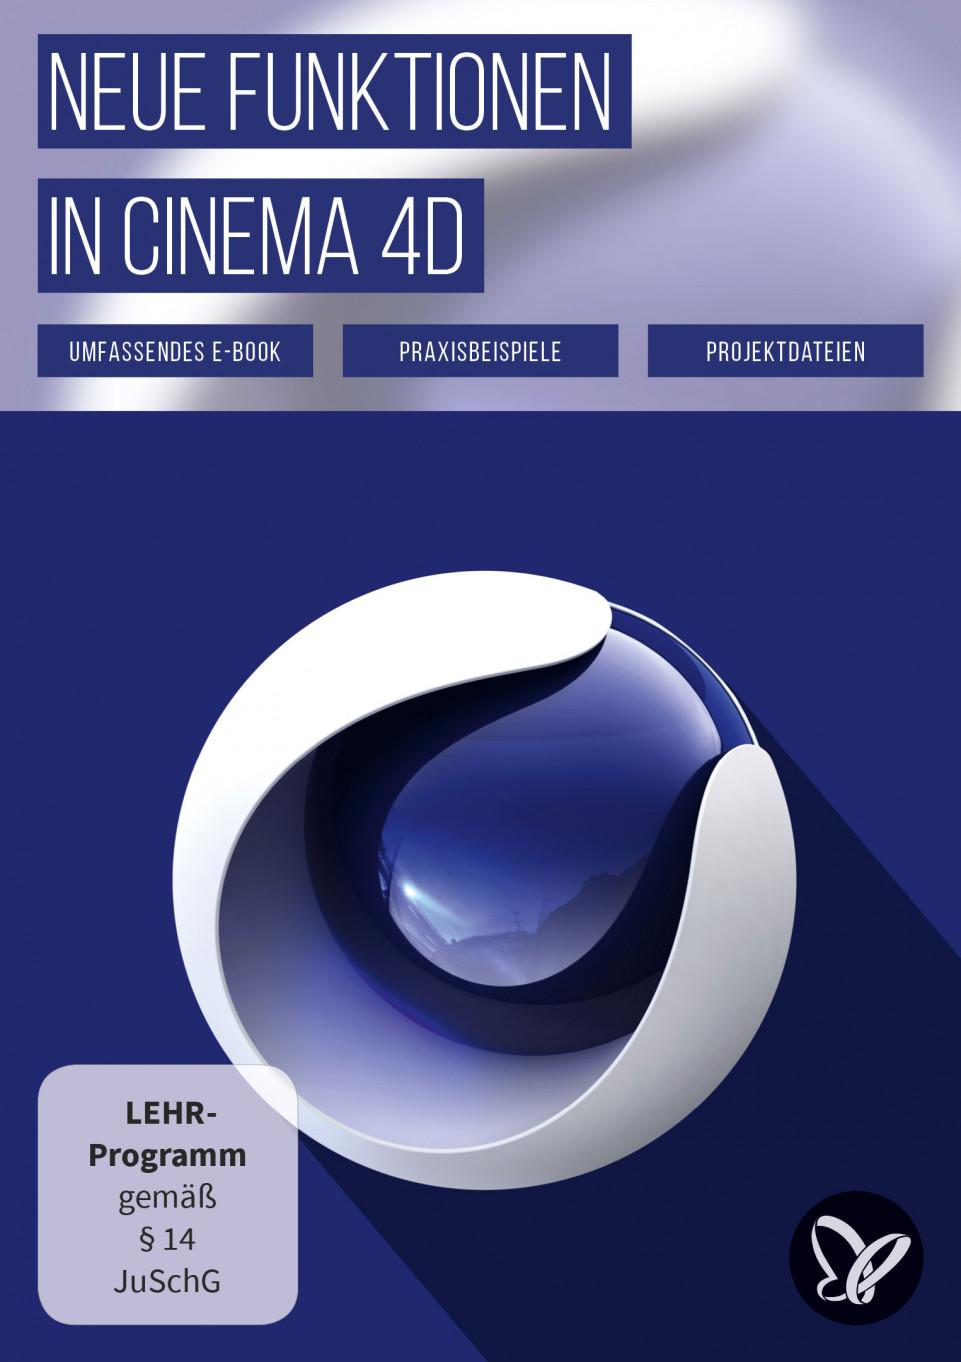 Neue Funktionen in Cinema 4D – R12 bis R19, R20 und R21